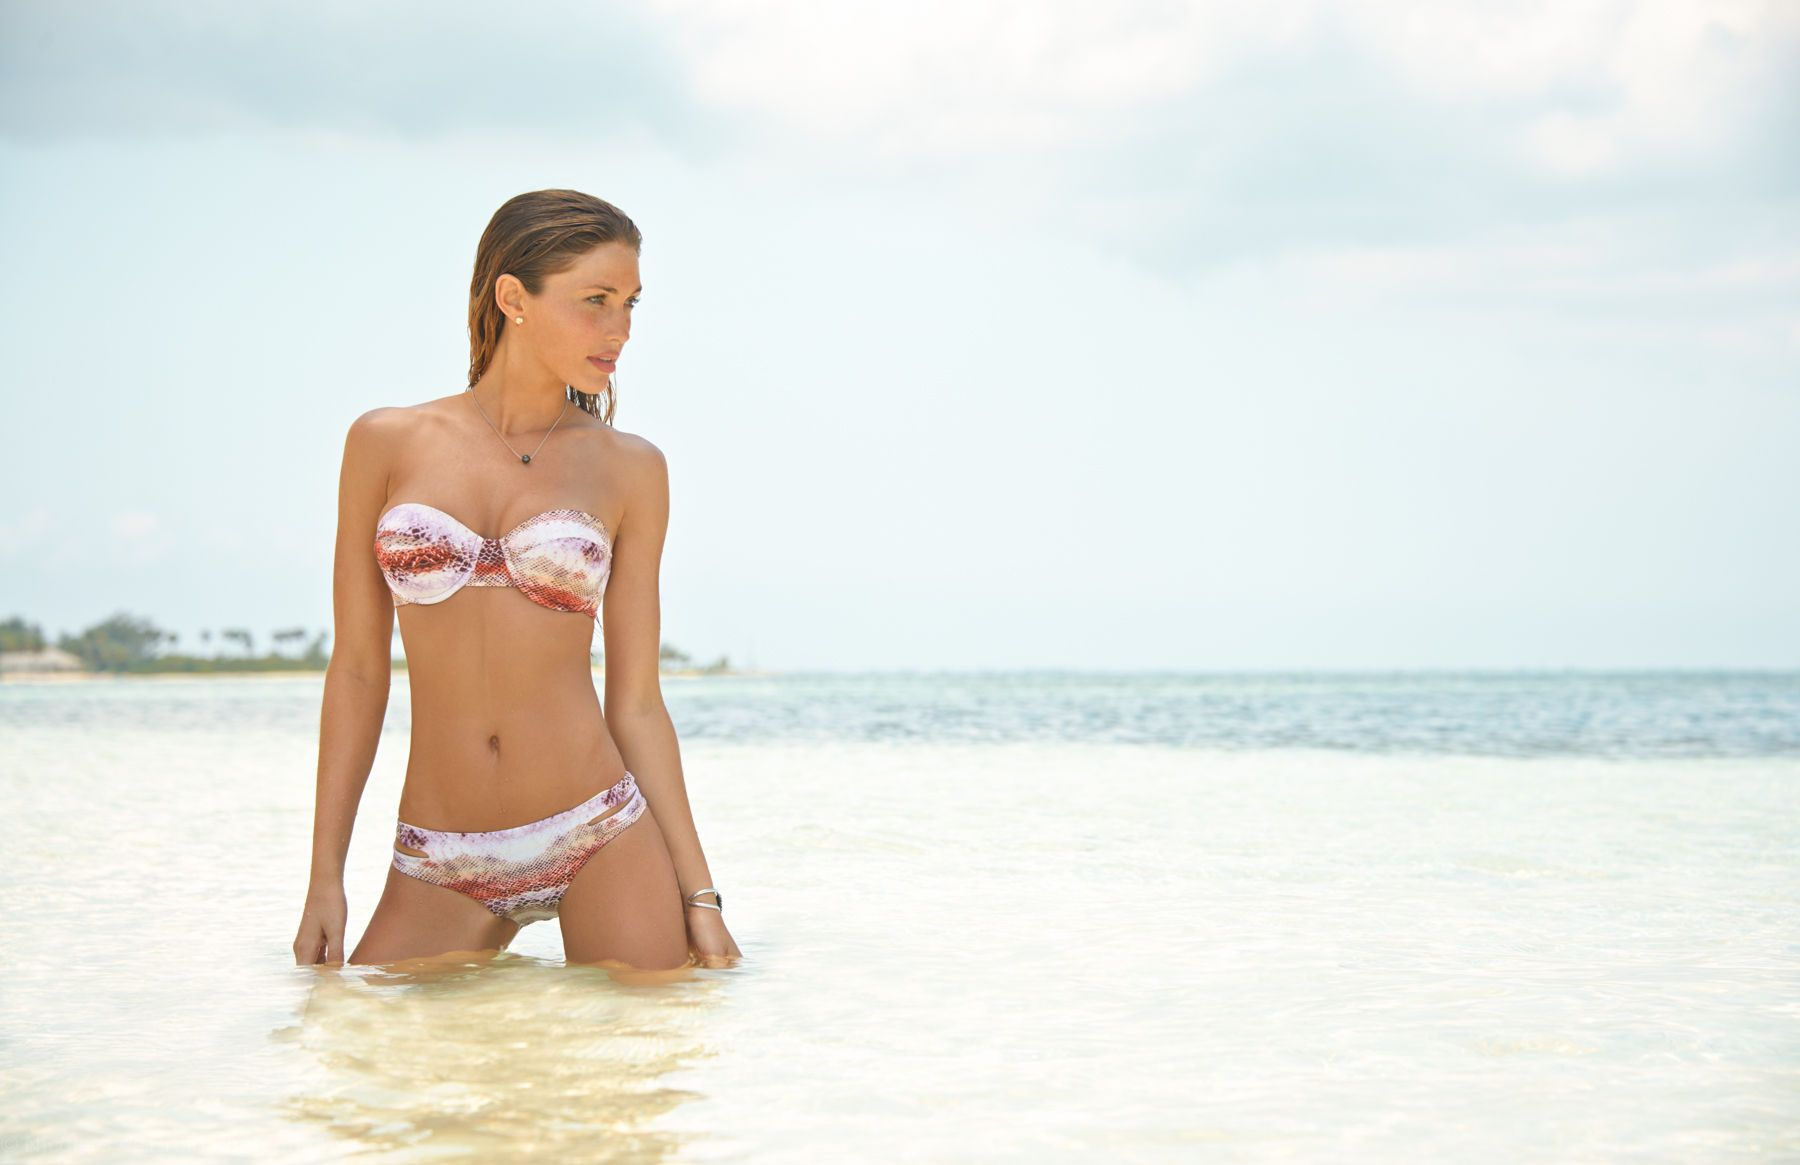 swimwear photographer